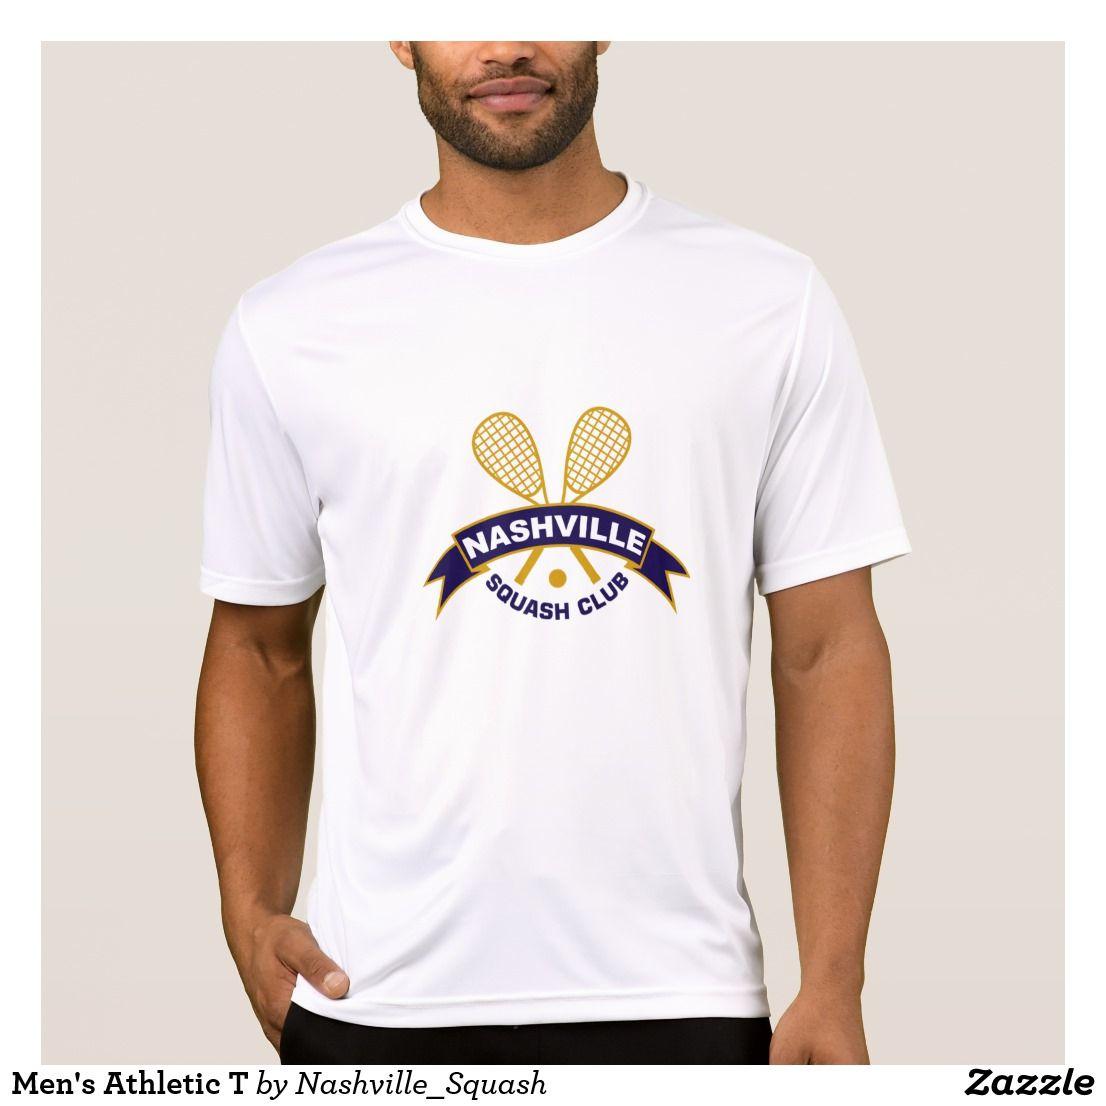 Nashville Squash Club Men's Athletic TShirt